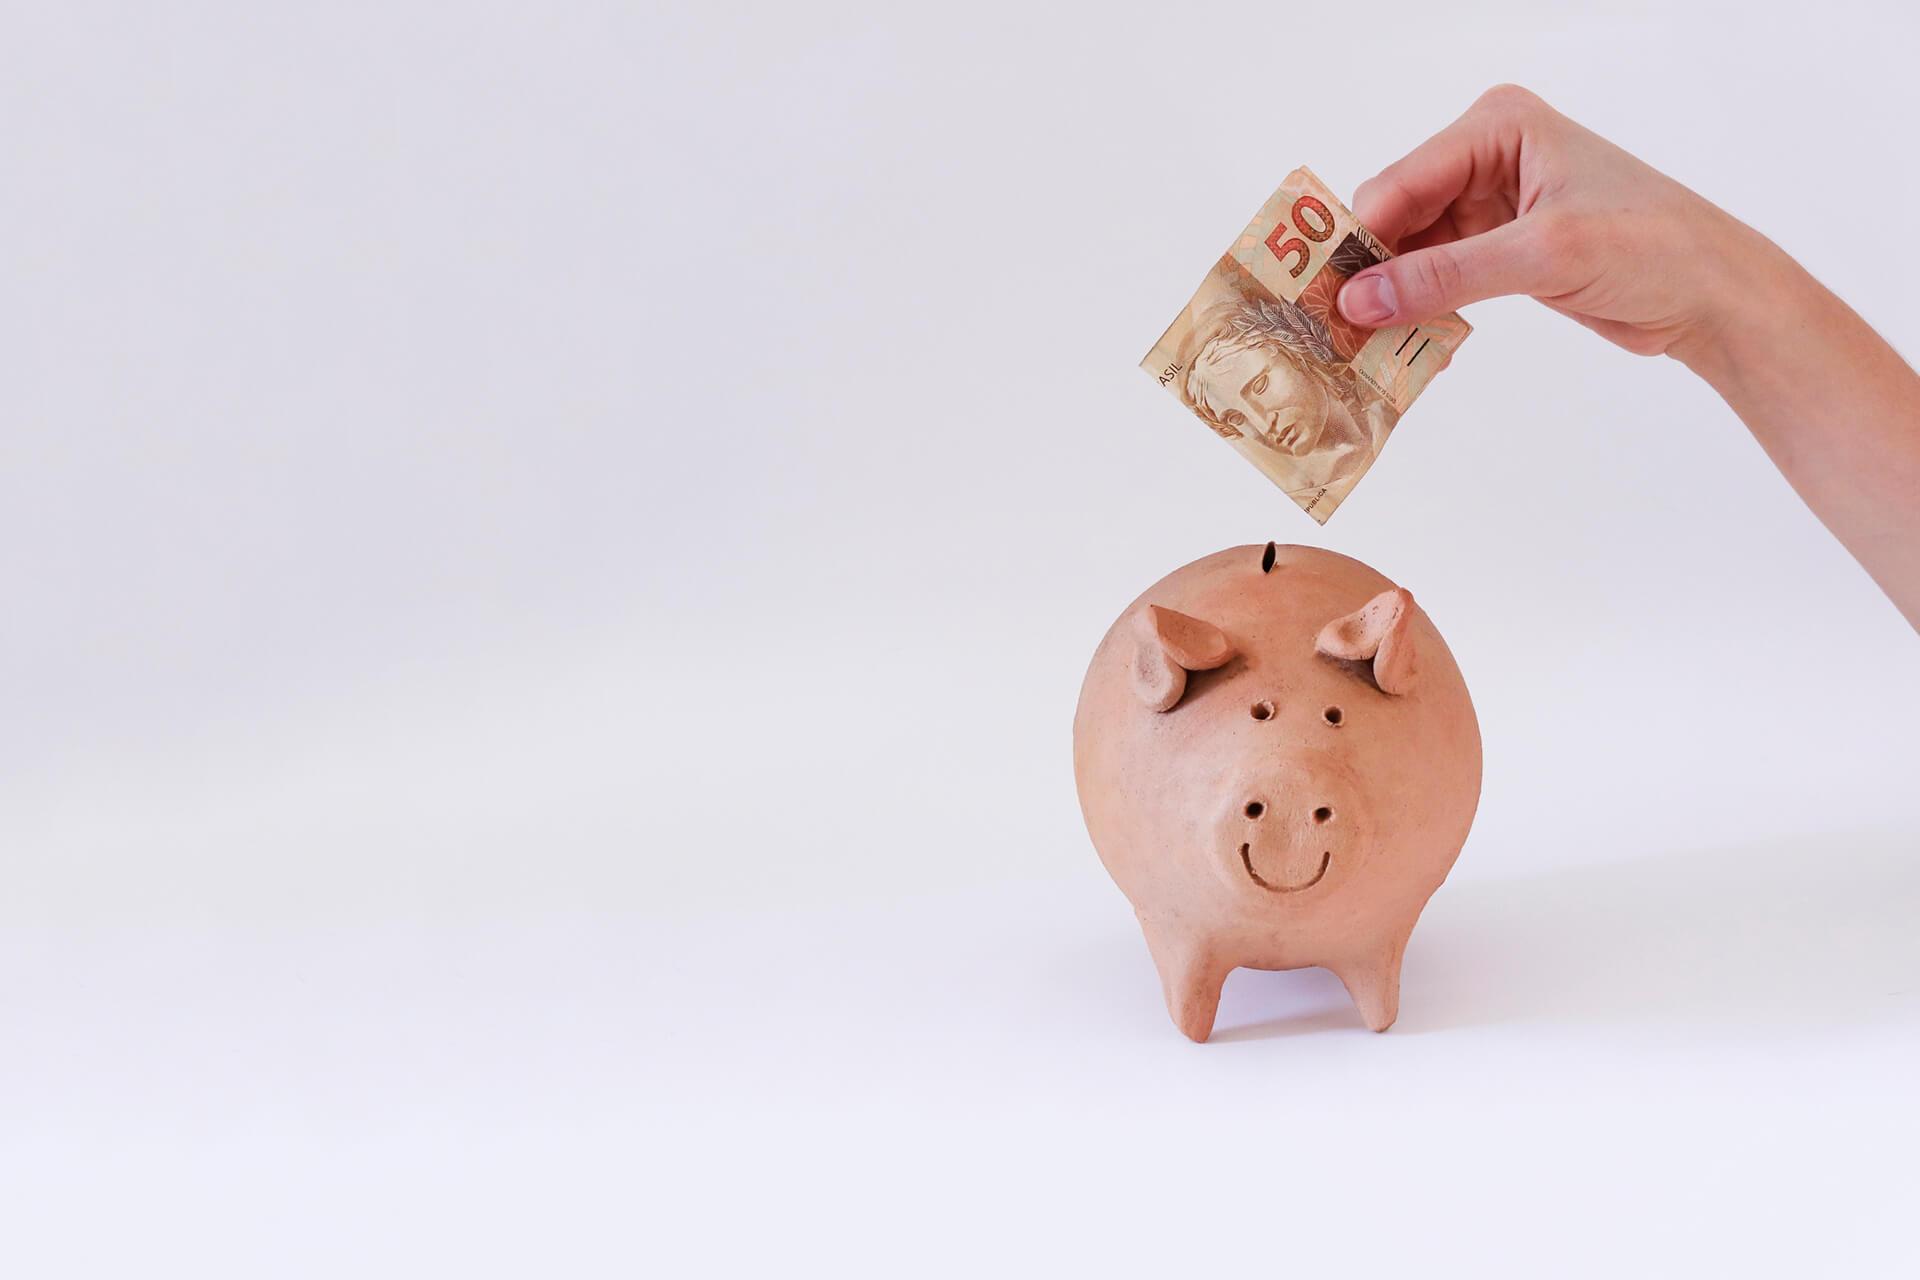 Ideias inovadoras para reduzir custos de novas ou pequenas empresas